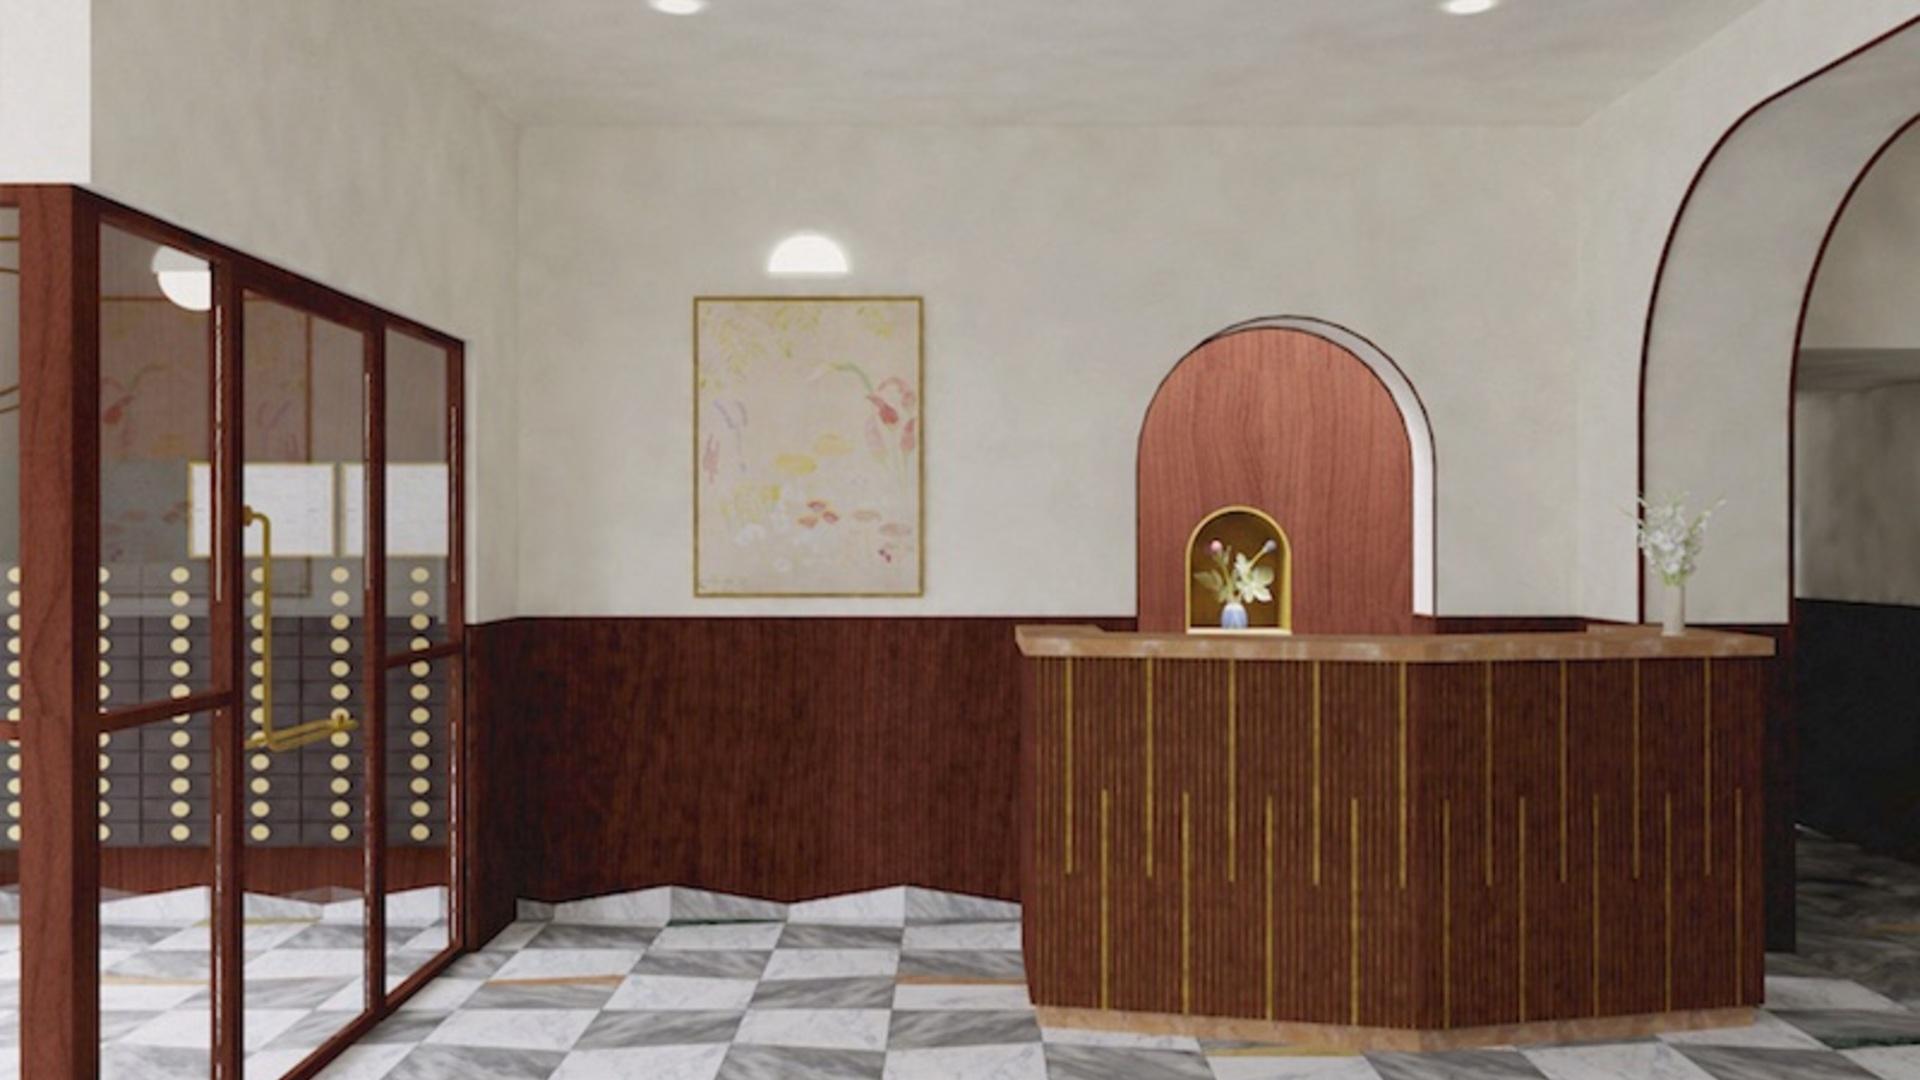 10 rutgers lobby rendering 4